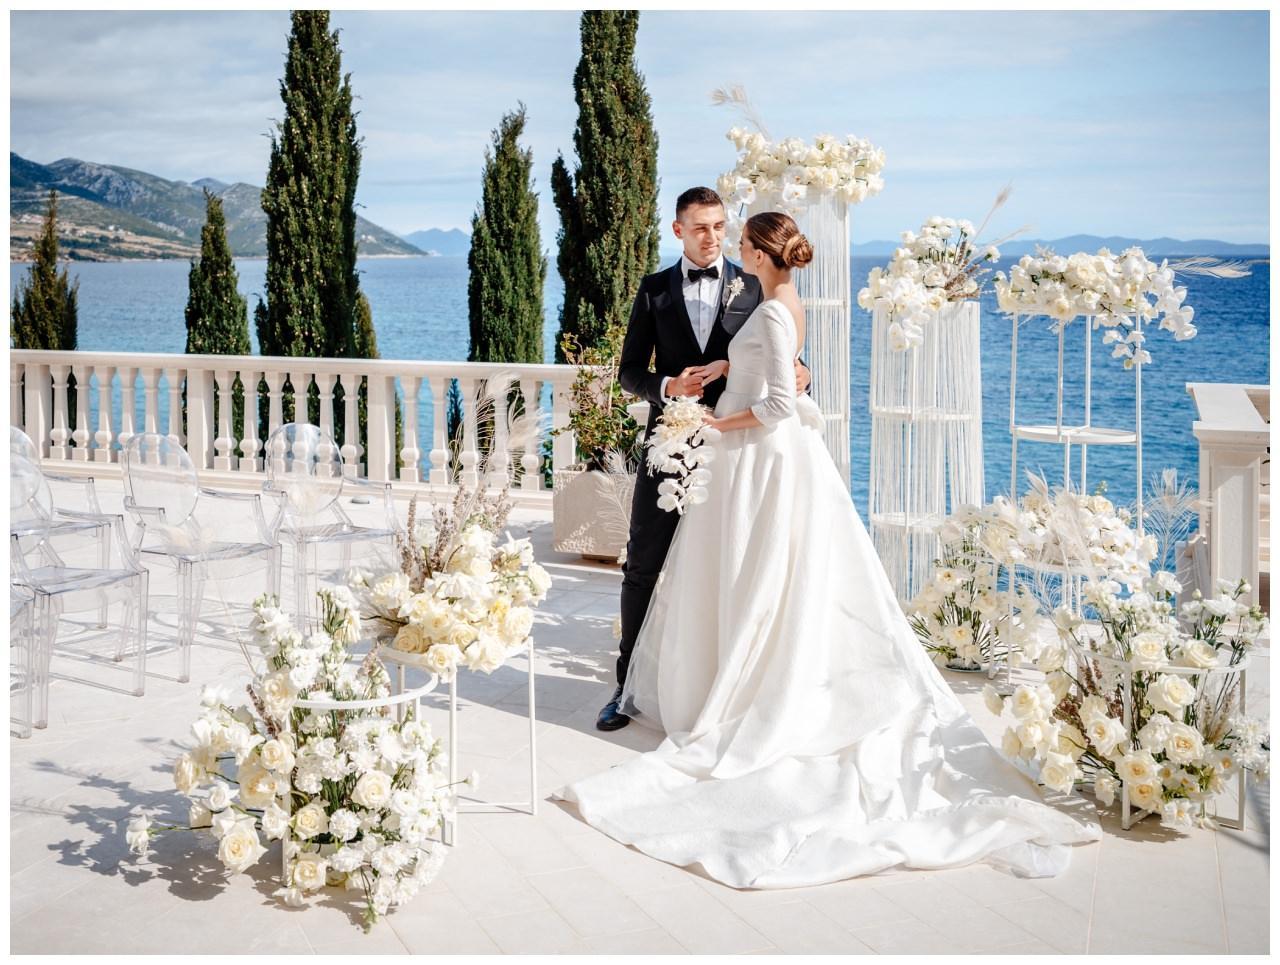 Hochzeit Kroatien Hochzeitsplanung Hochzeitsplaner Fotograf 12 - Luxuriöse Hochzeit in Weiß